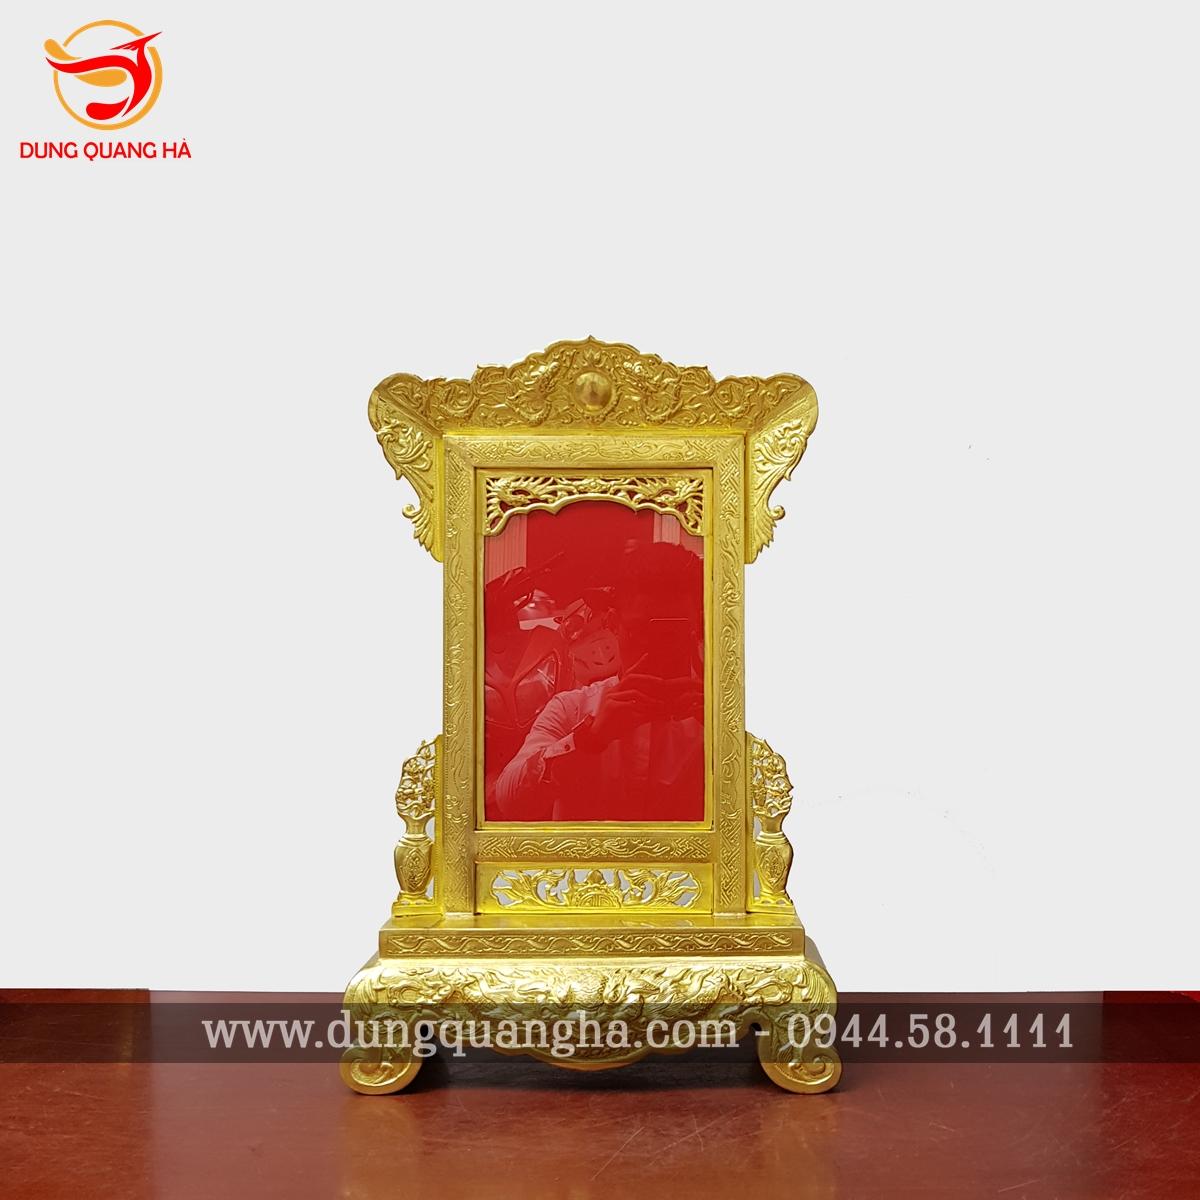 Khung ảnh thờ đồng vàng hoa văn tinh xảo 3